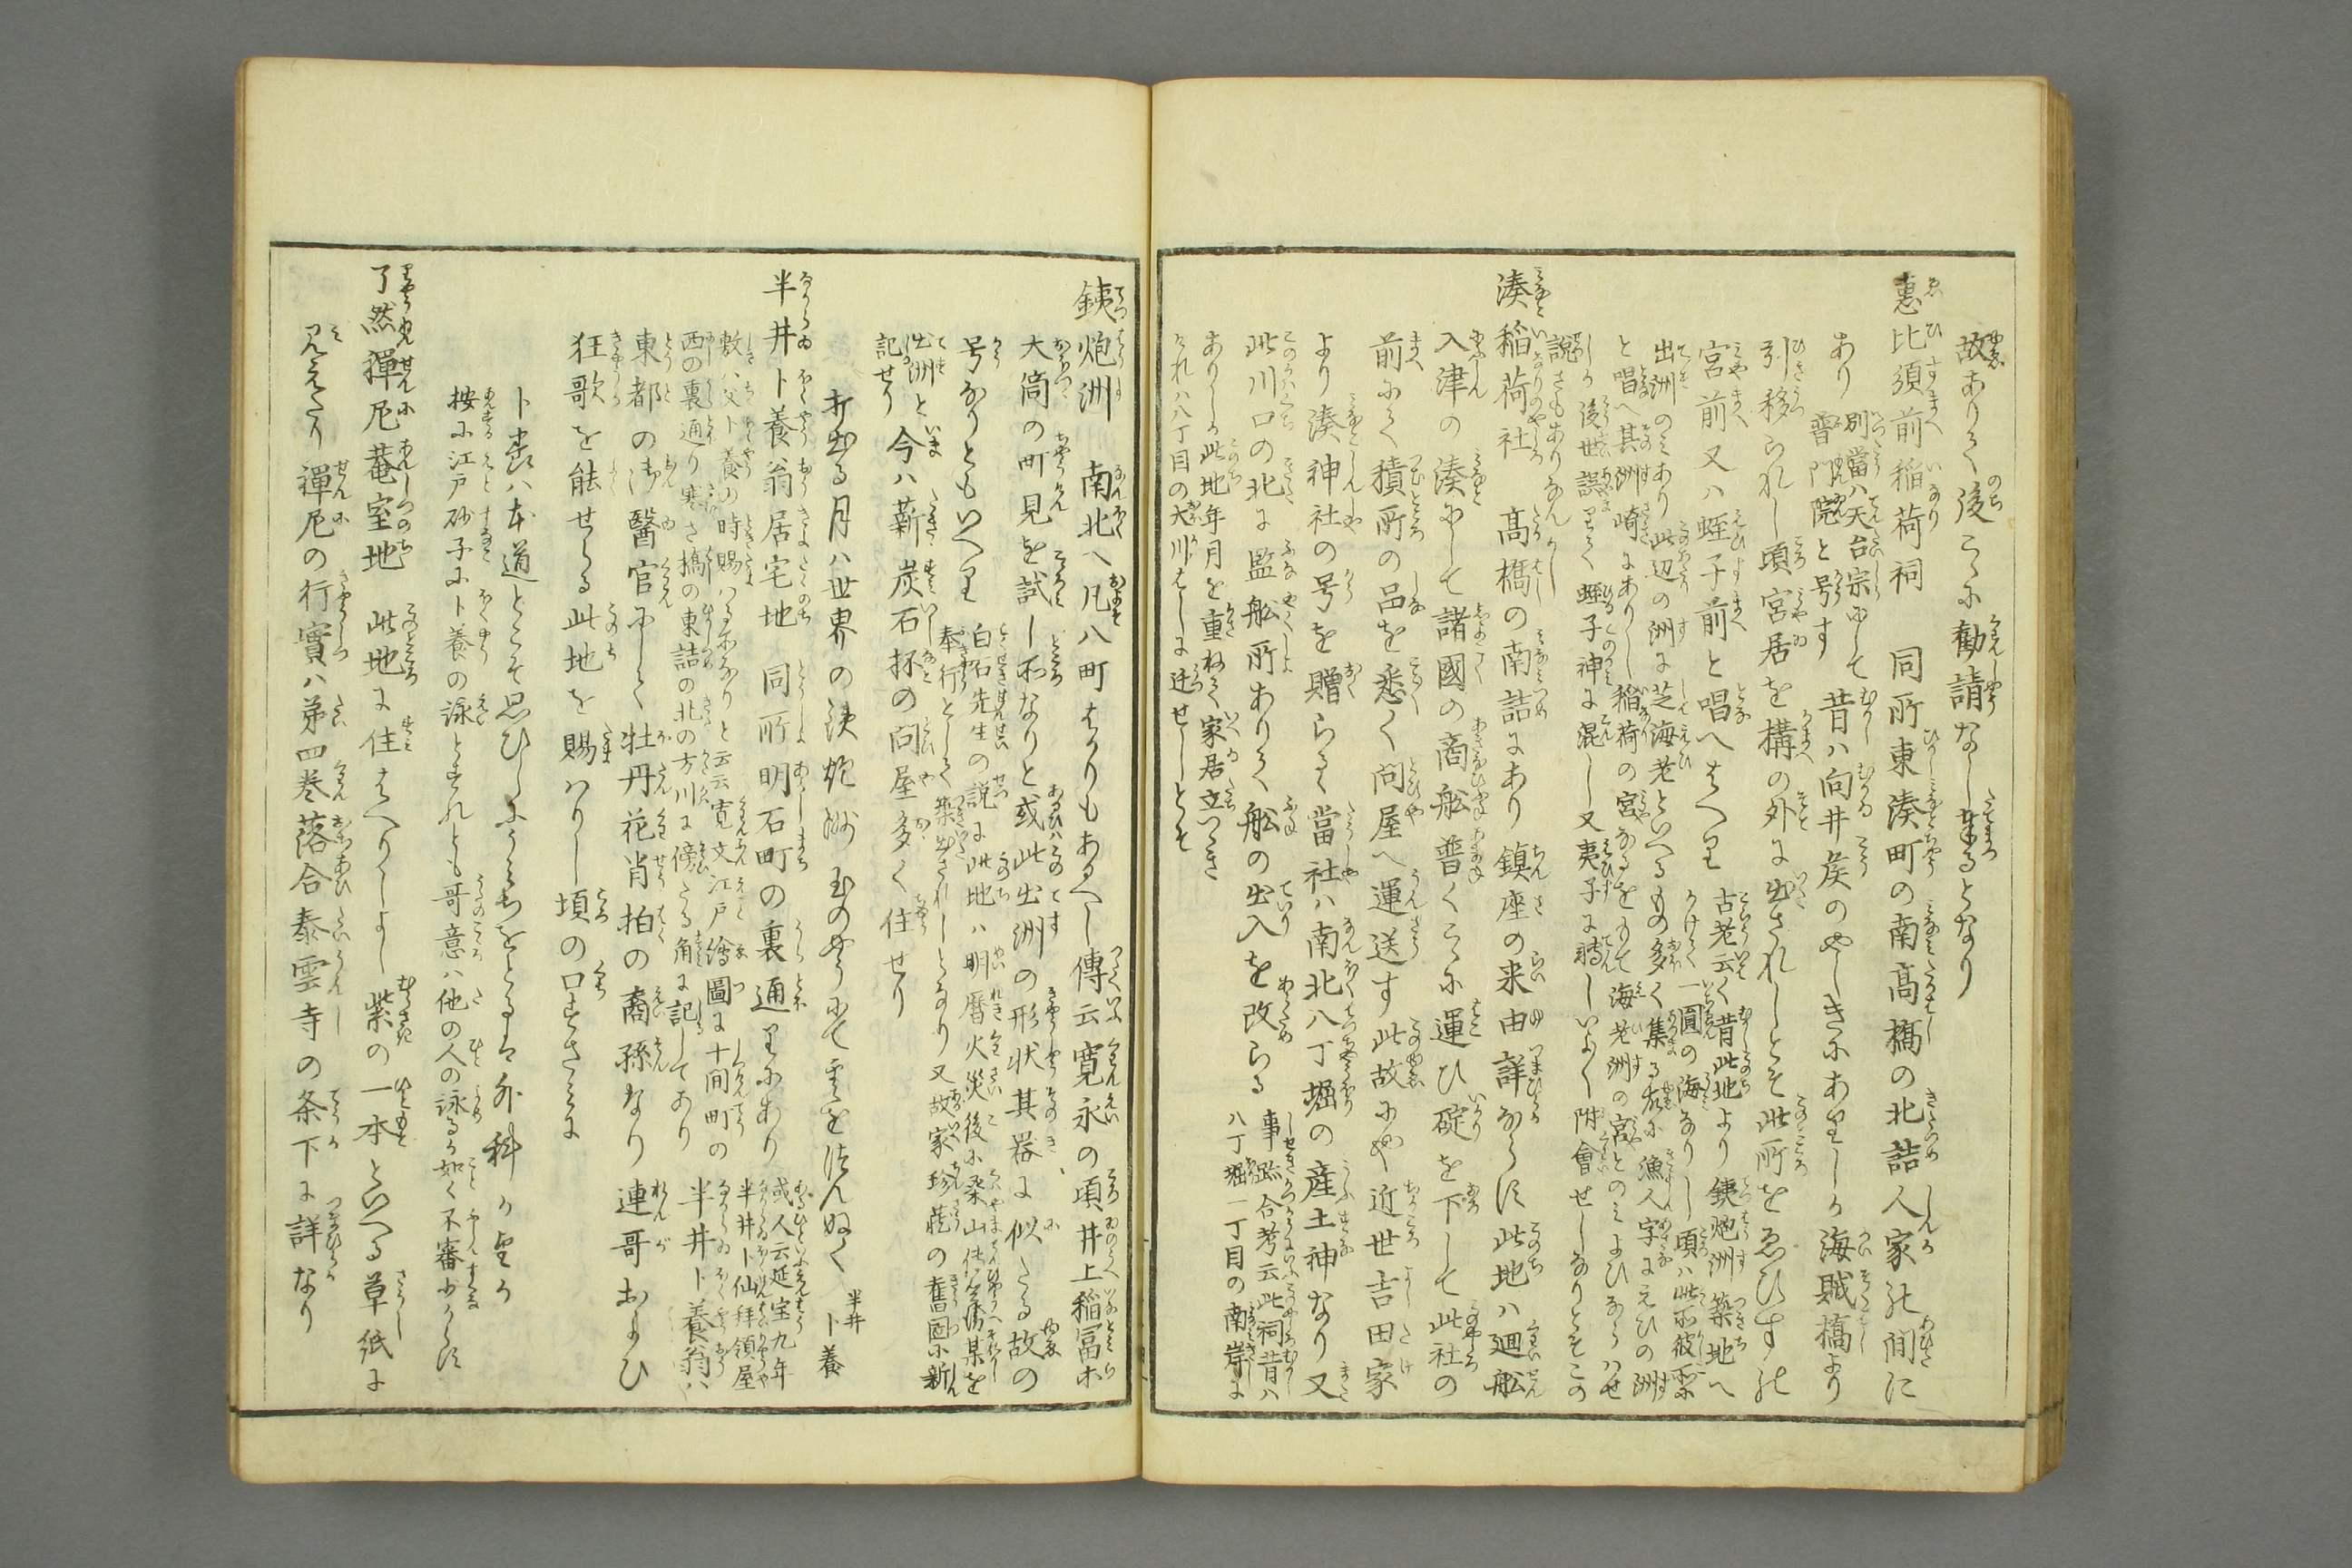 http://archive.wul.waseda.ac.jp/kosho/bunko10/bunko10_06556/bunko10_06556_0002/bunko10_06556_0002_p0033.jpg